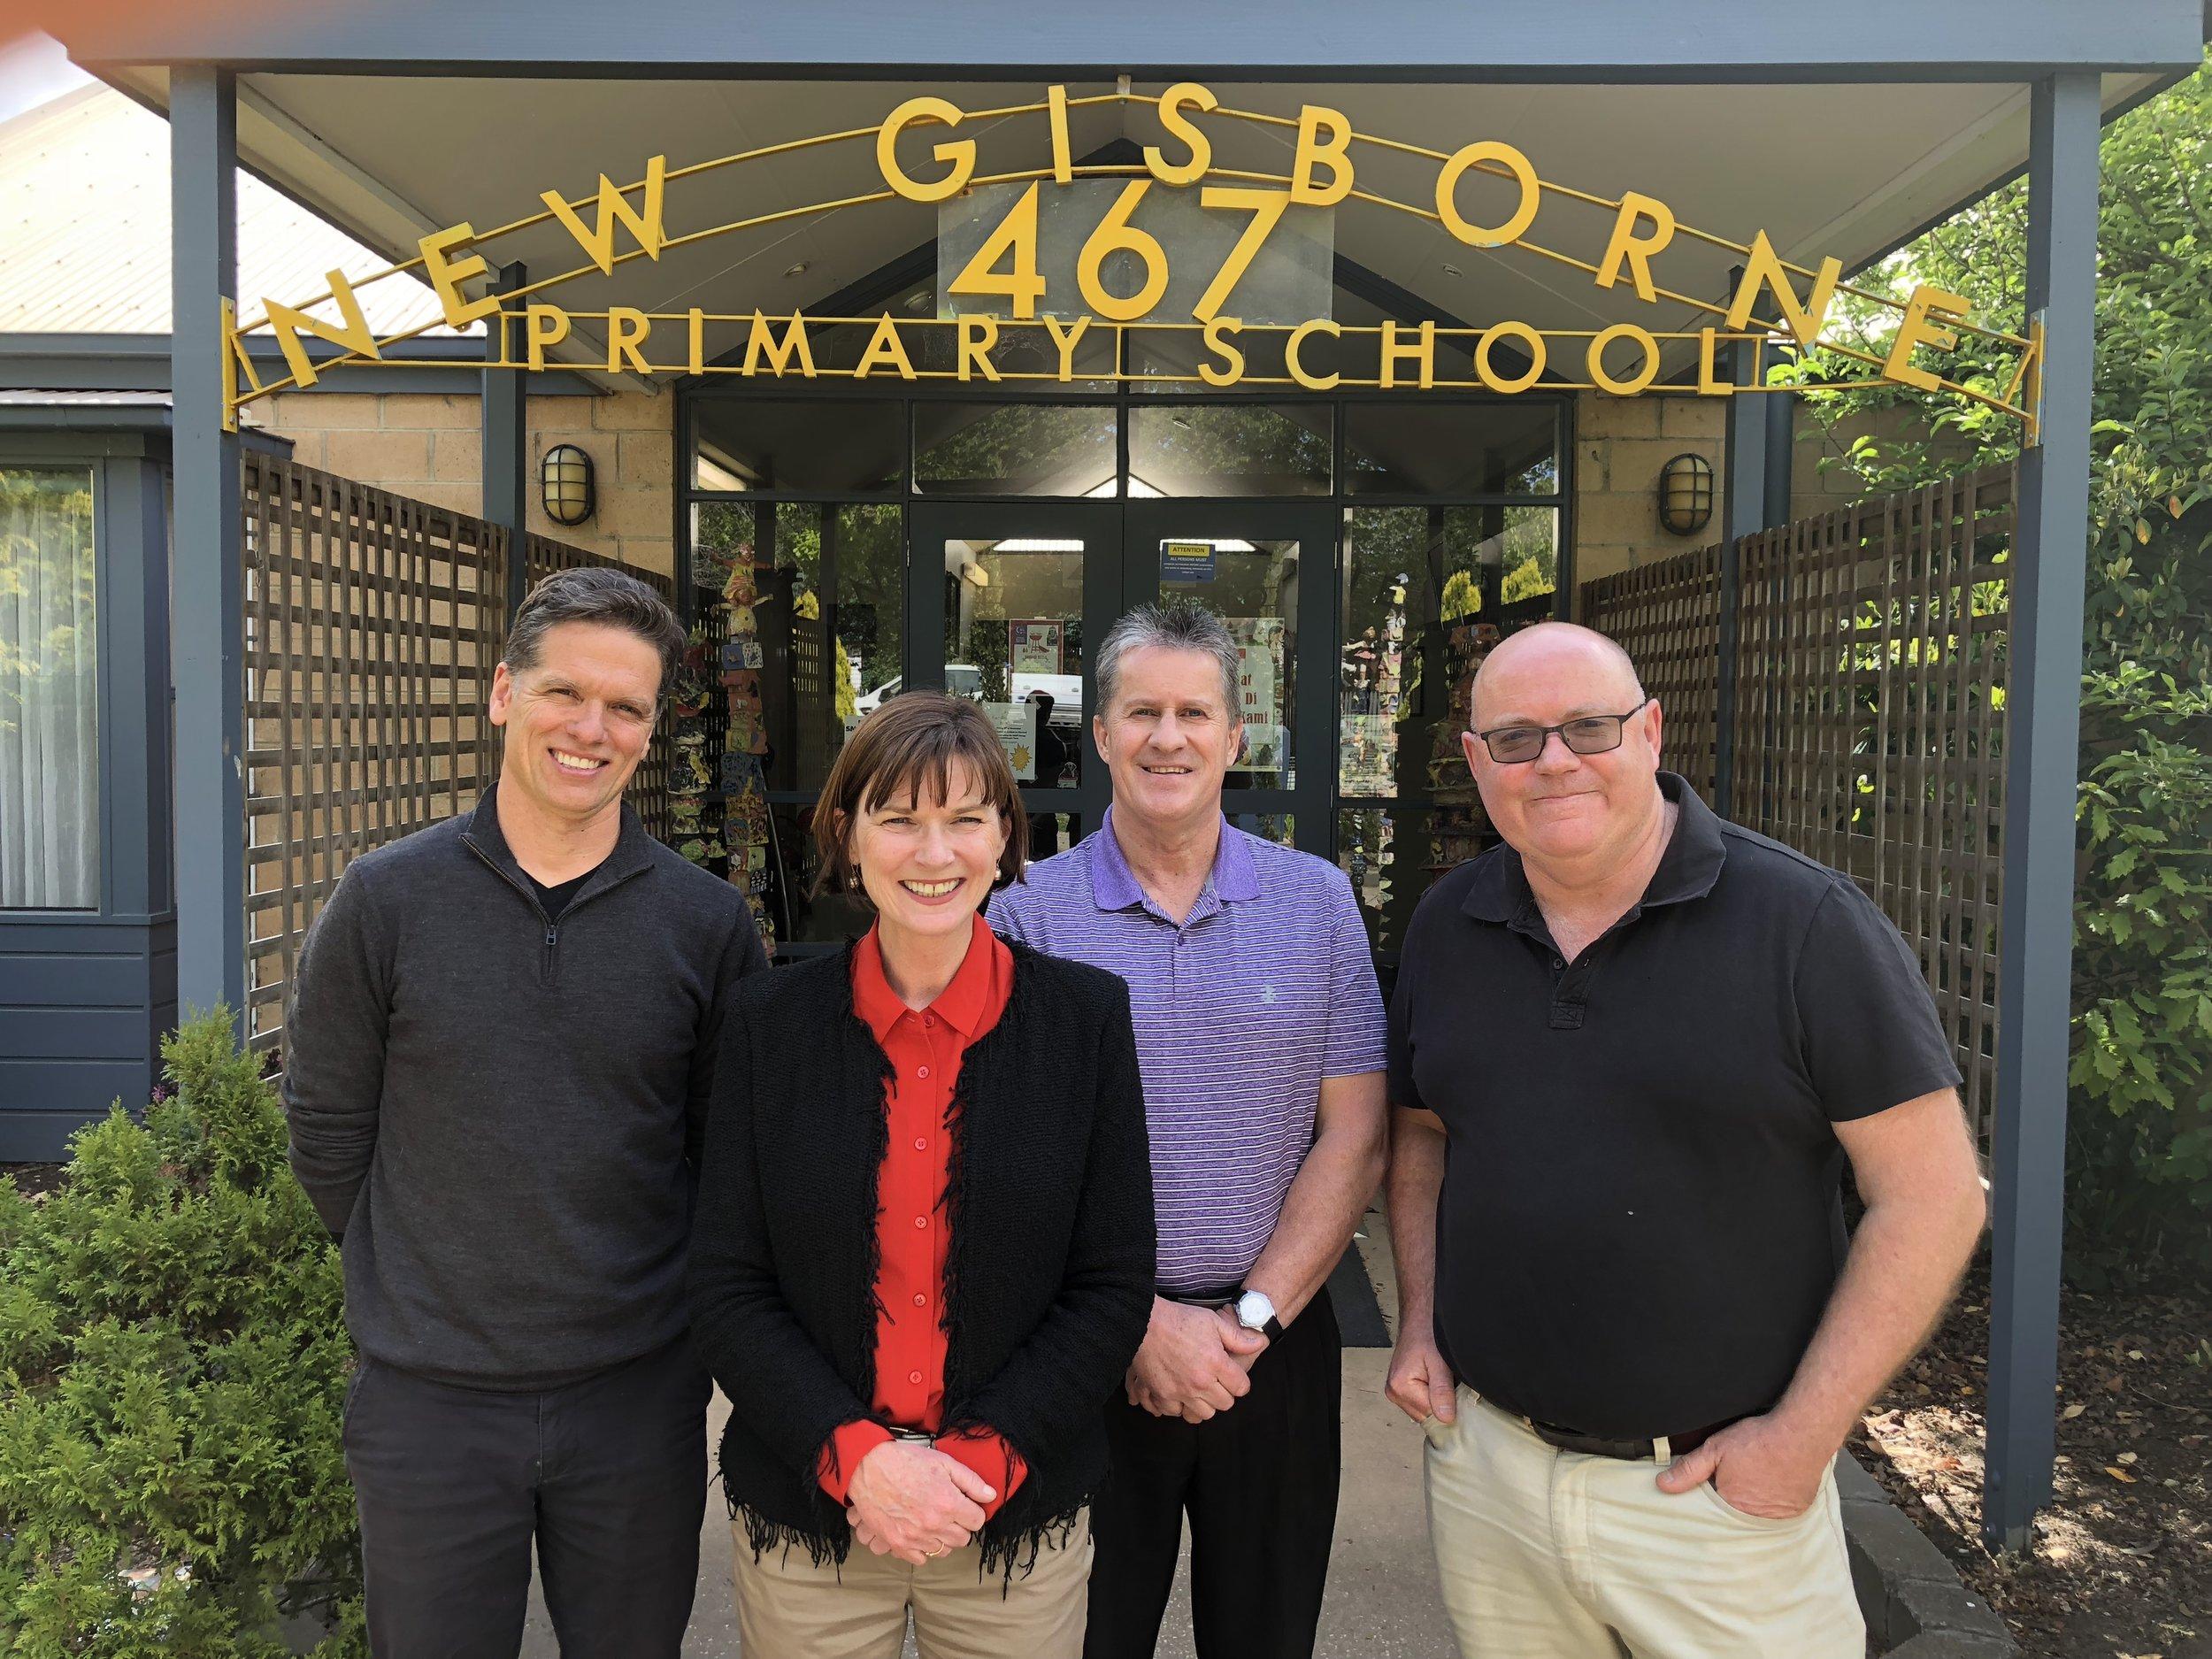 Al Reid (MRSG), Mary-Anne Thomas, Andy Kozak (Principal), and Peter Lane (MRSG).